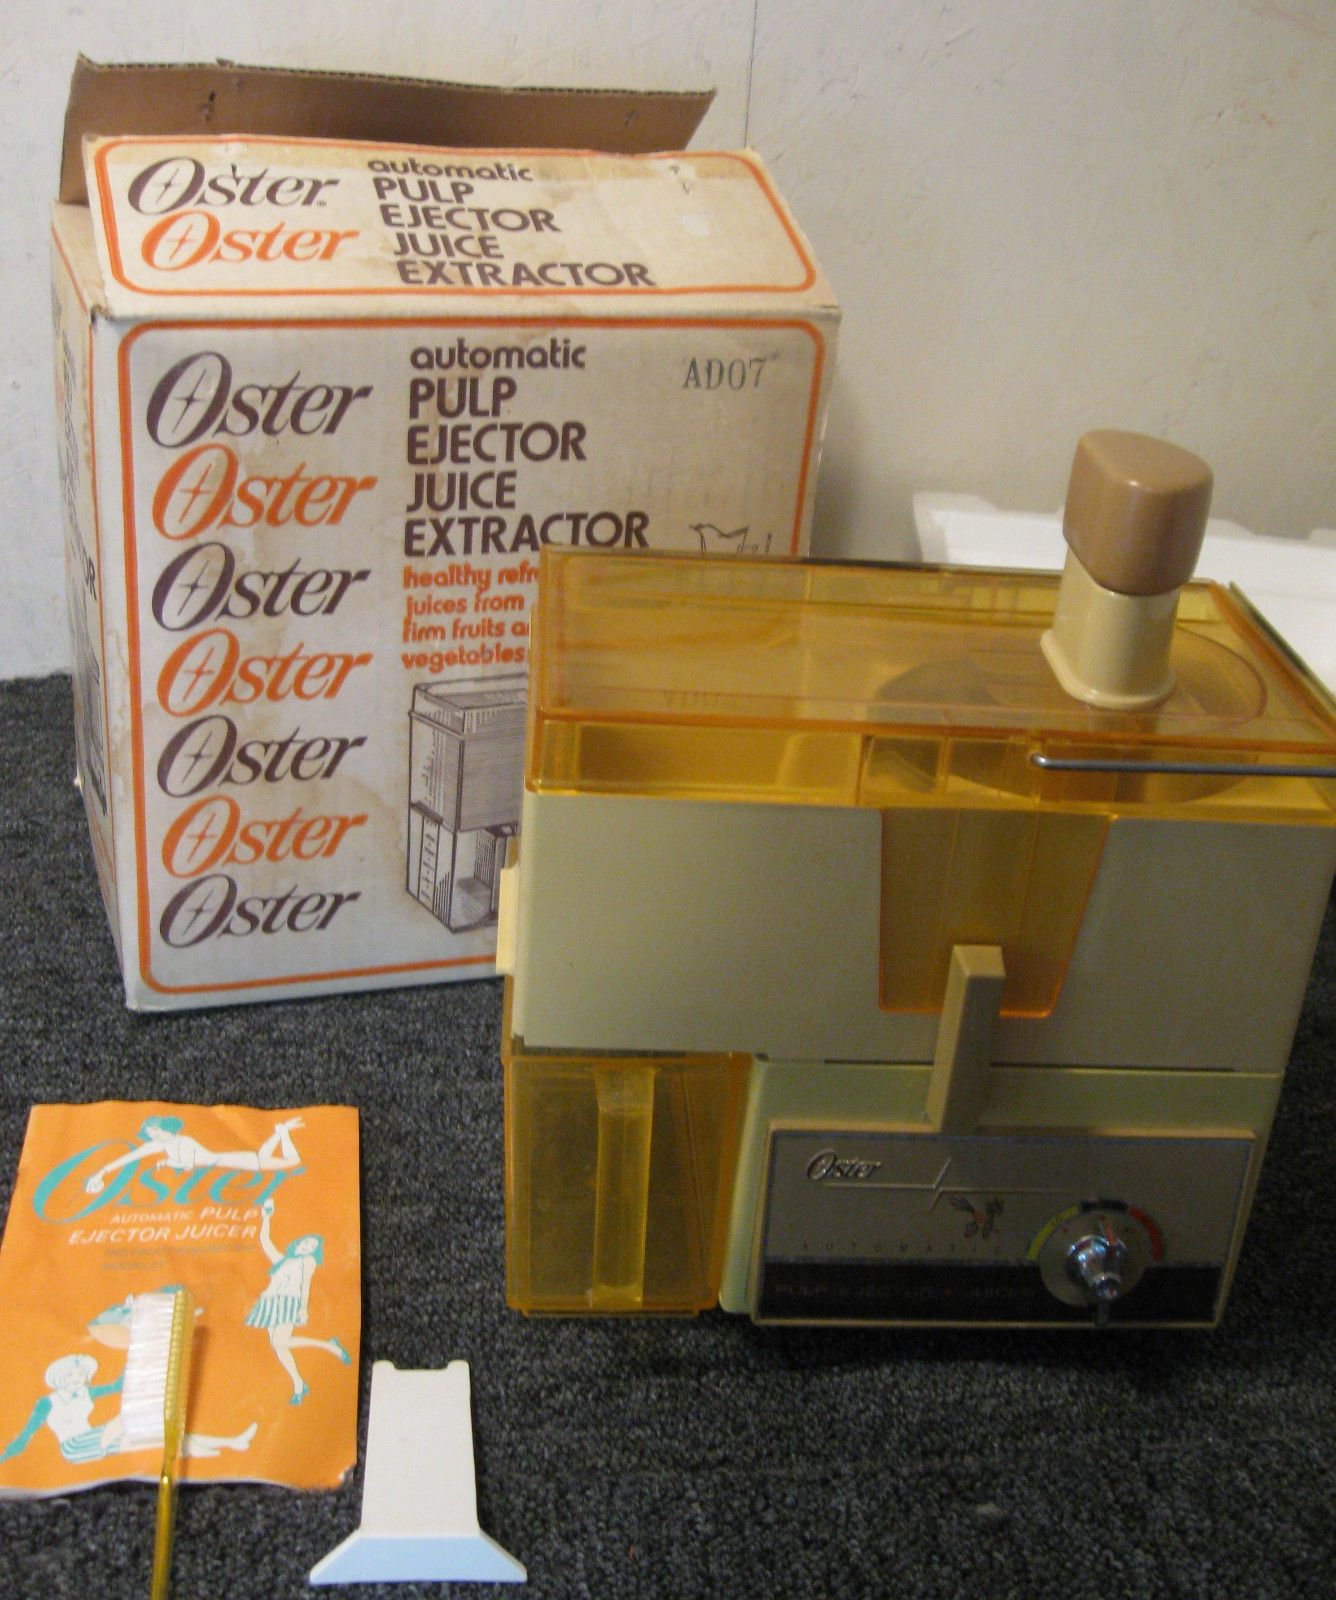 Vintage Oster 362 04 Frutas Verduras Exprimidor de trabajo completo en caja Pulp eyector   eBay